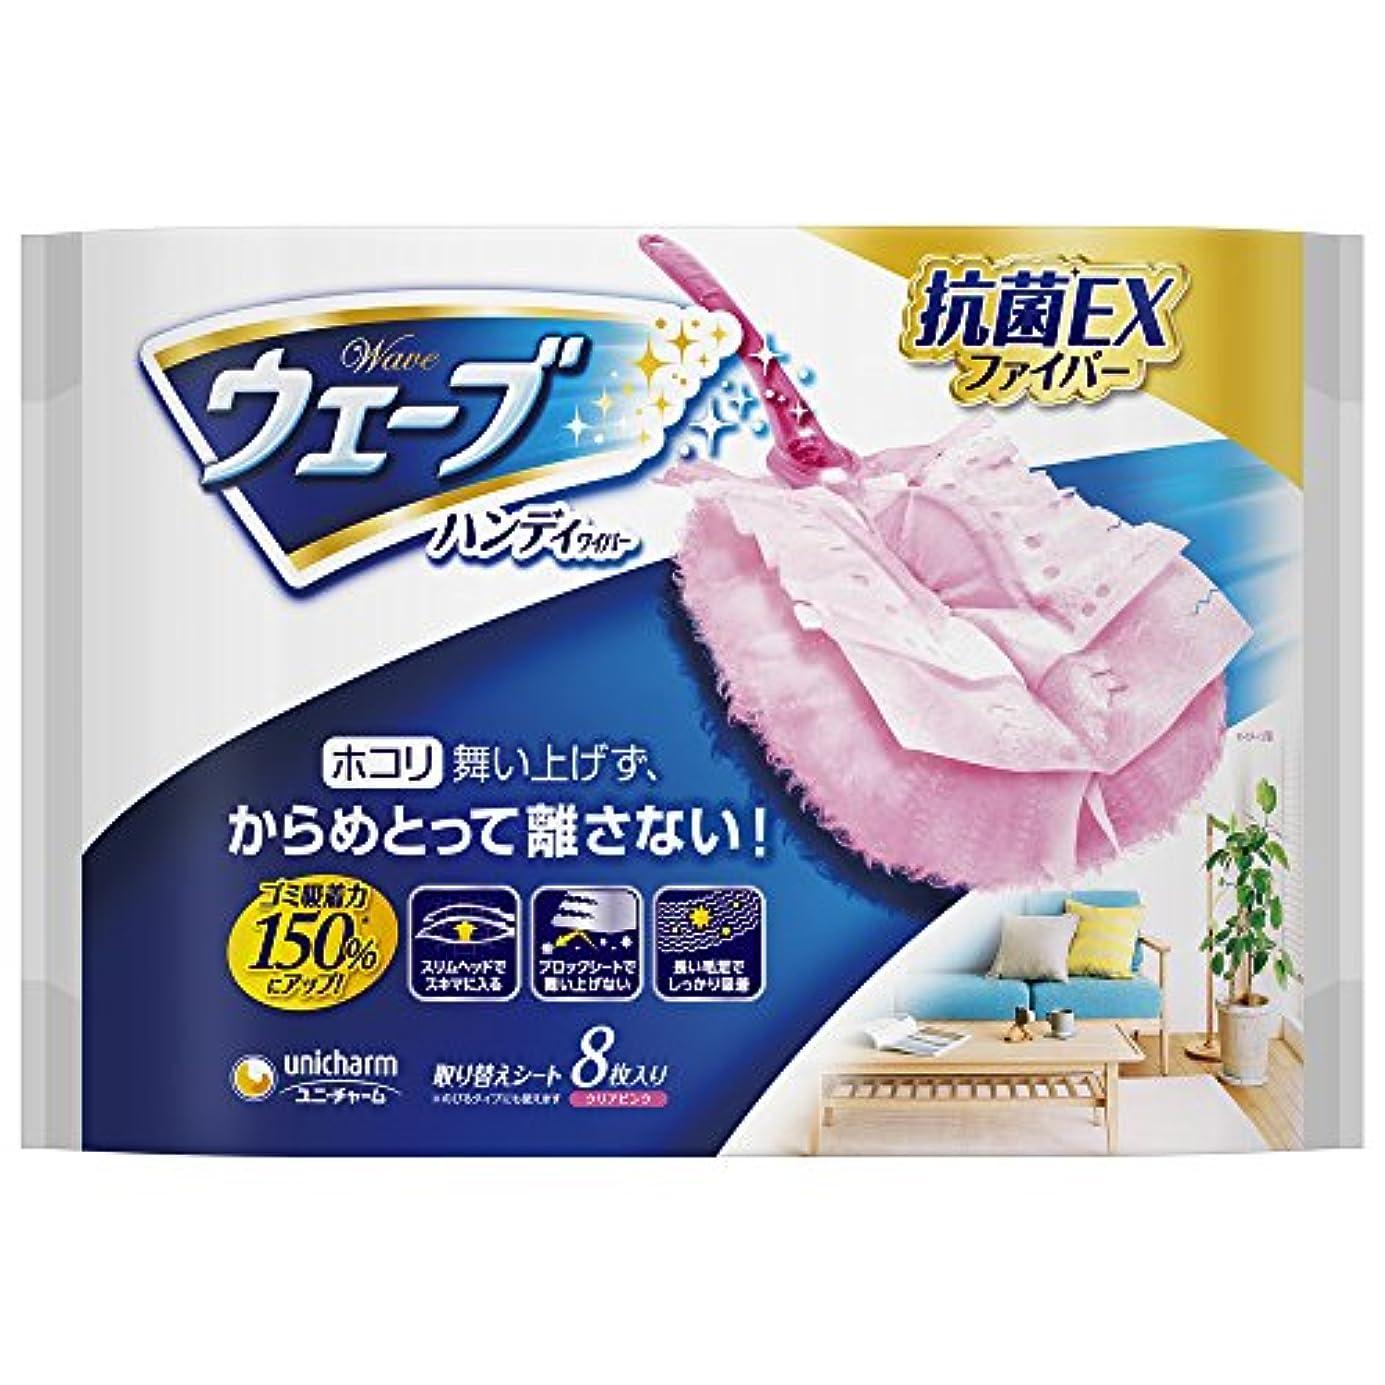 予想するジャケット協会ウェ−ブ ハンディワイパ−用 取り替えシート8枚(ピンク)【お掃除道具】